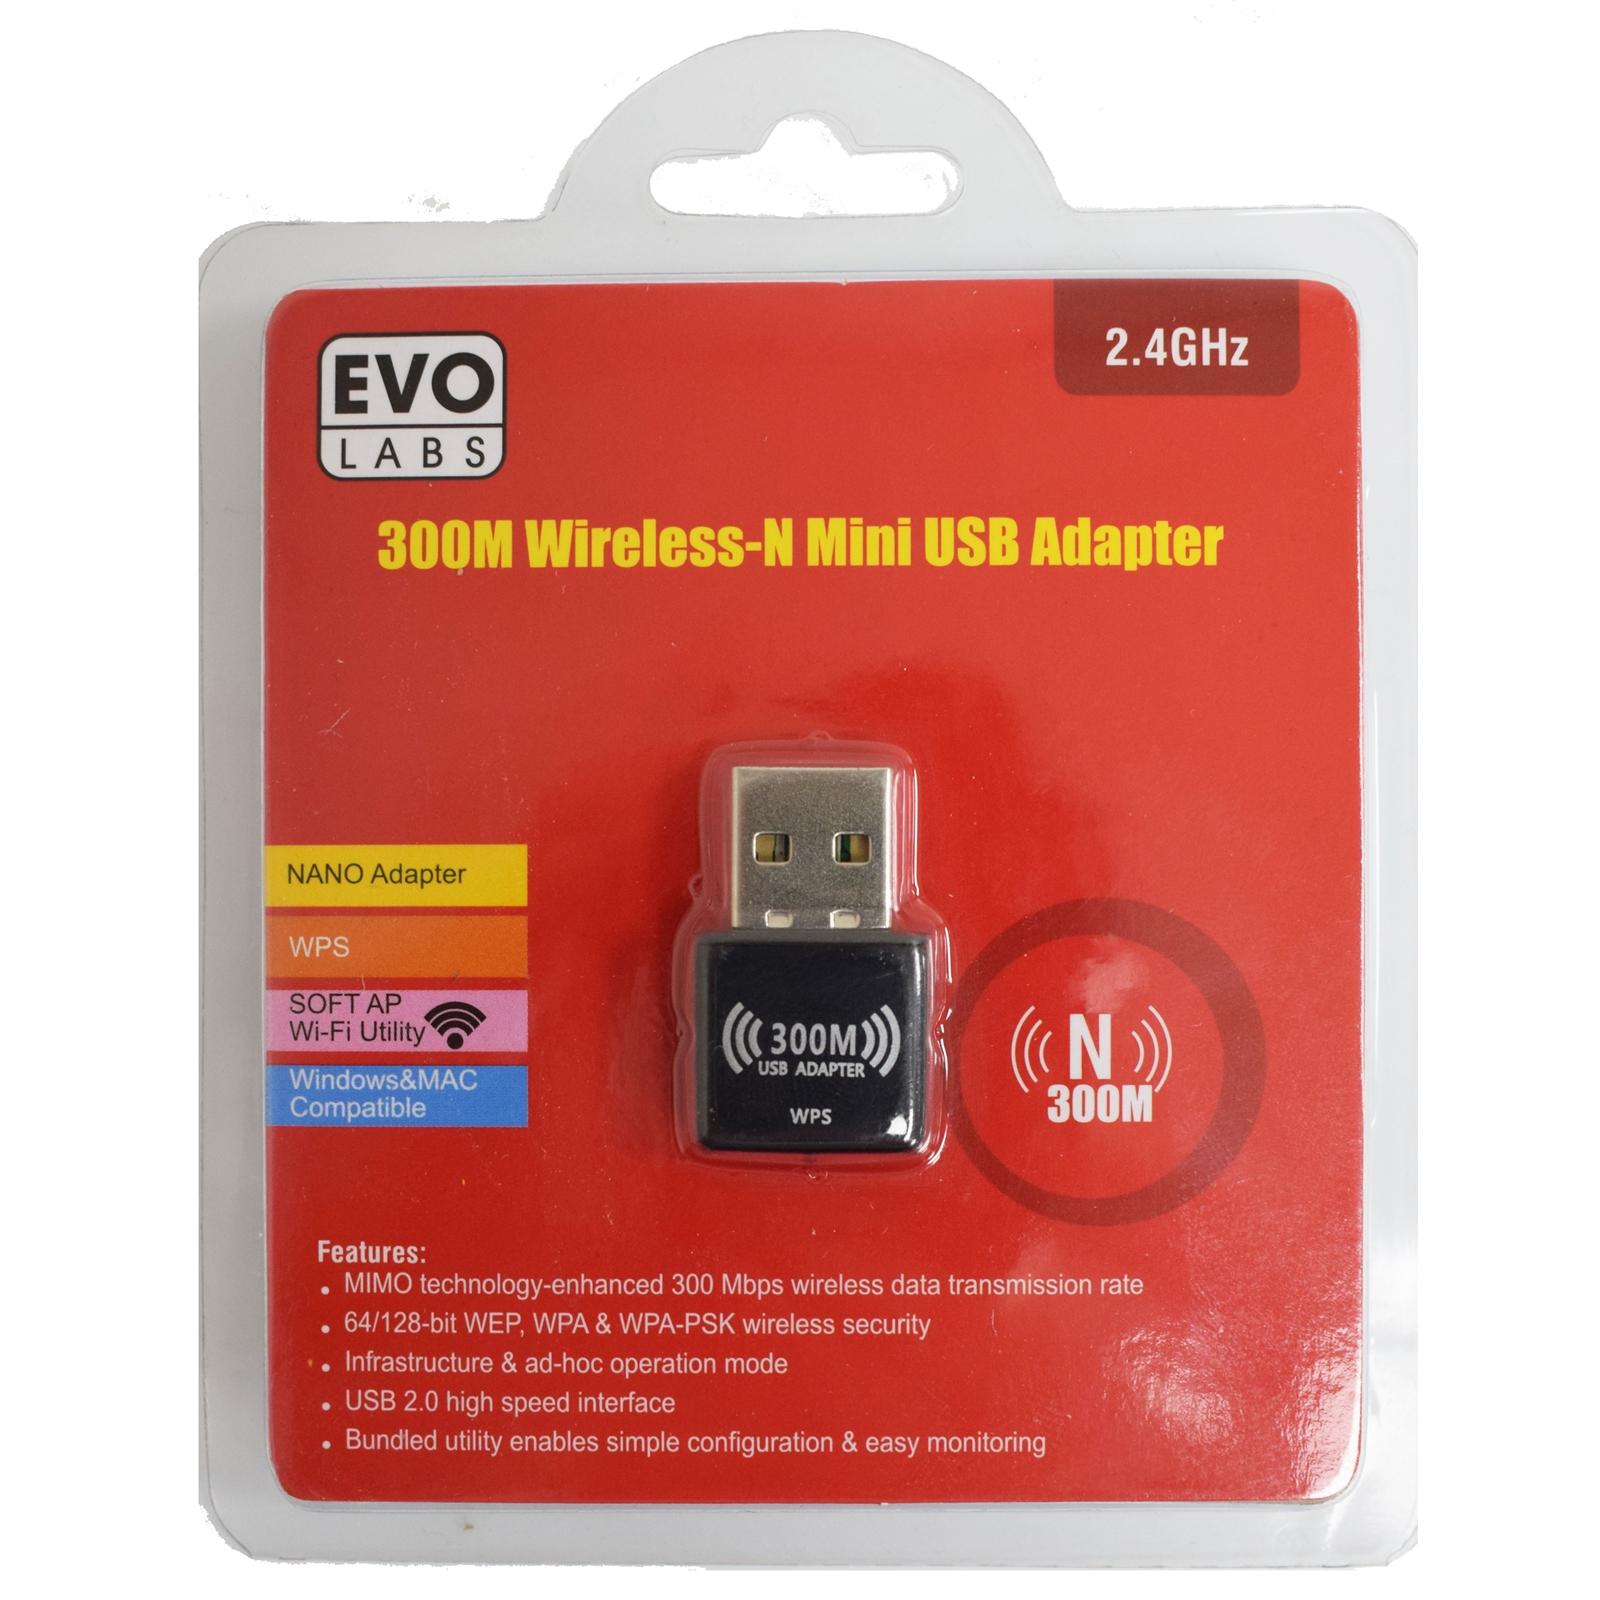 Evo Labs 300Mb Wireless -N Usb Adapter